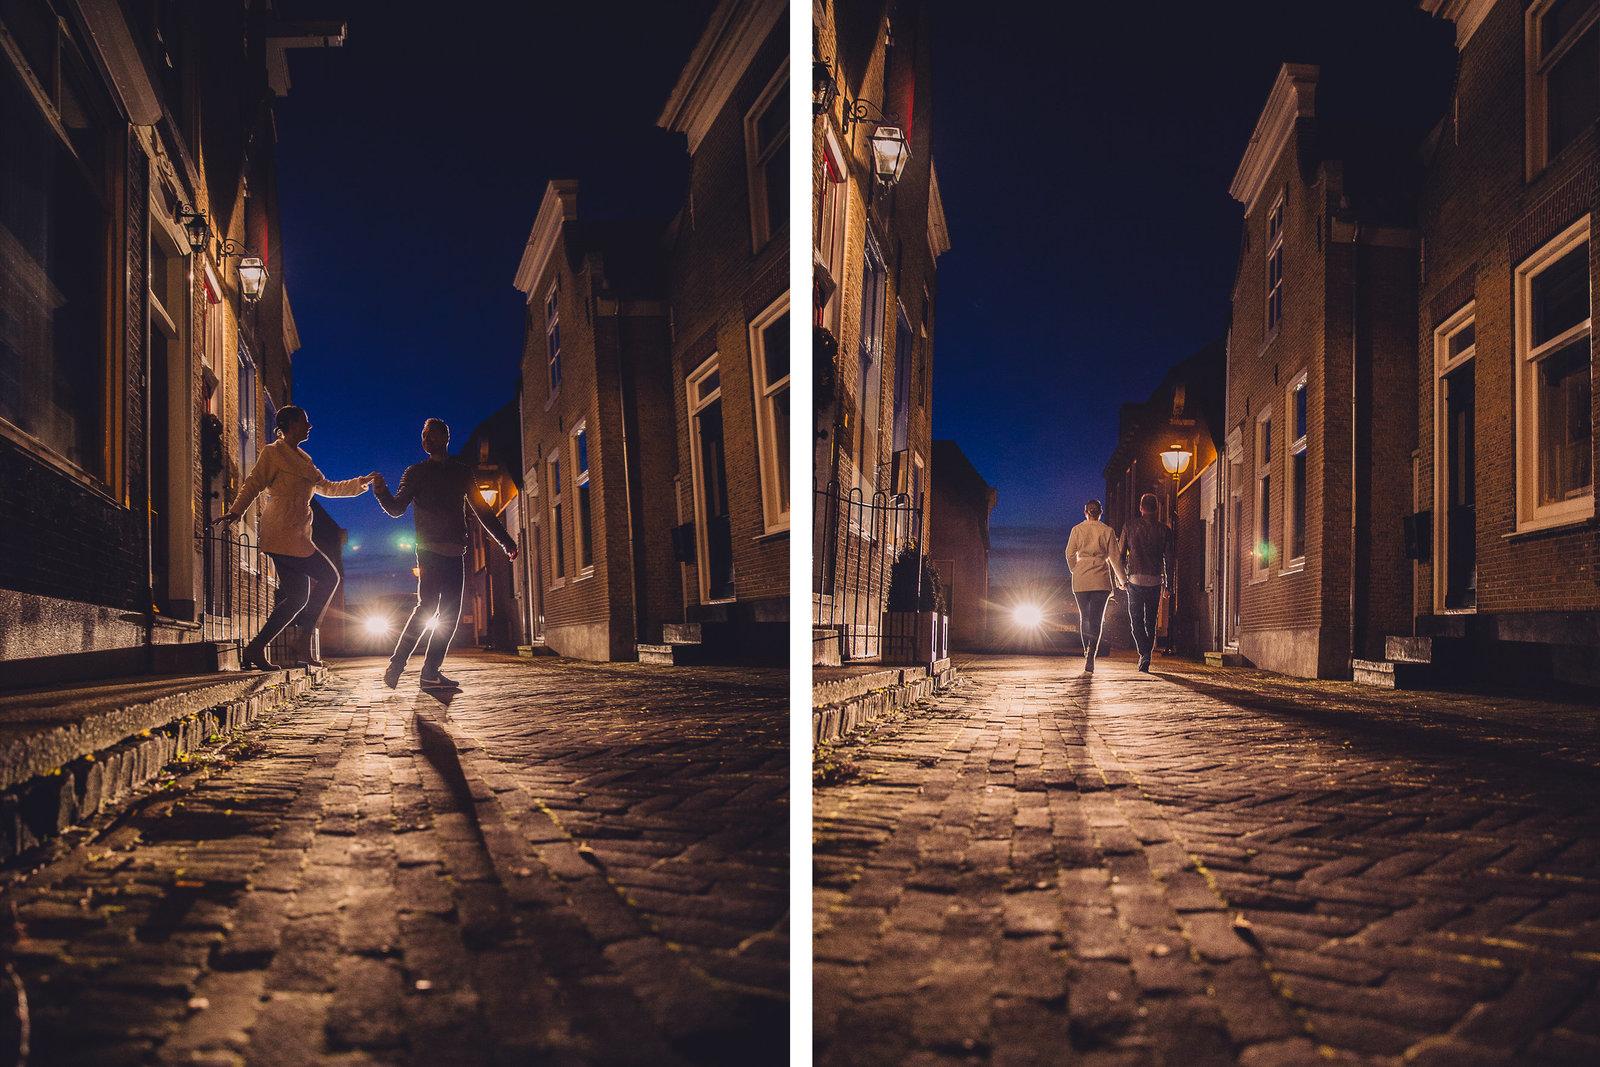 Liefde in de koplampen van een auto. Deze loveshoot in de avond laat een mooi Oud-Hollands straatje zien. Copyright Nanda Zee-Fritse | FOTOZEE